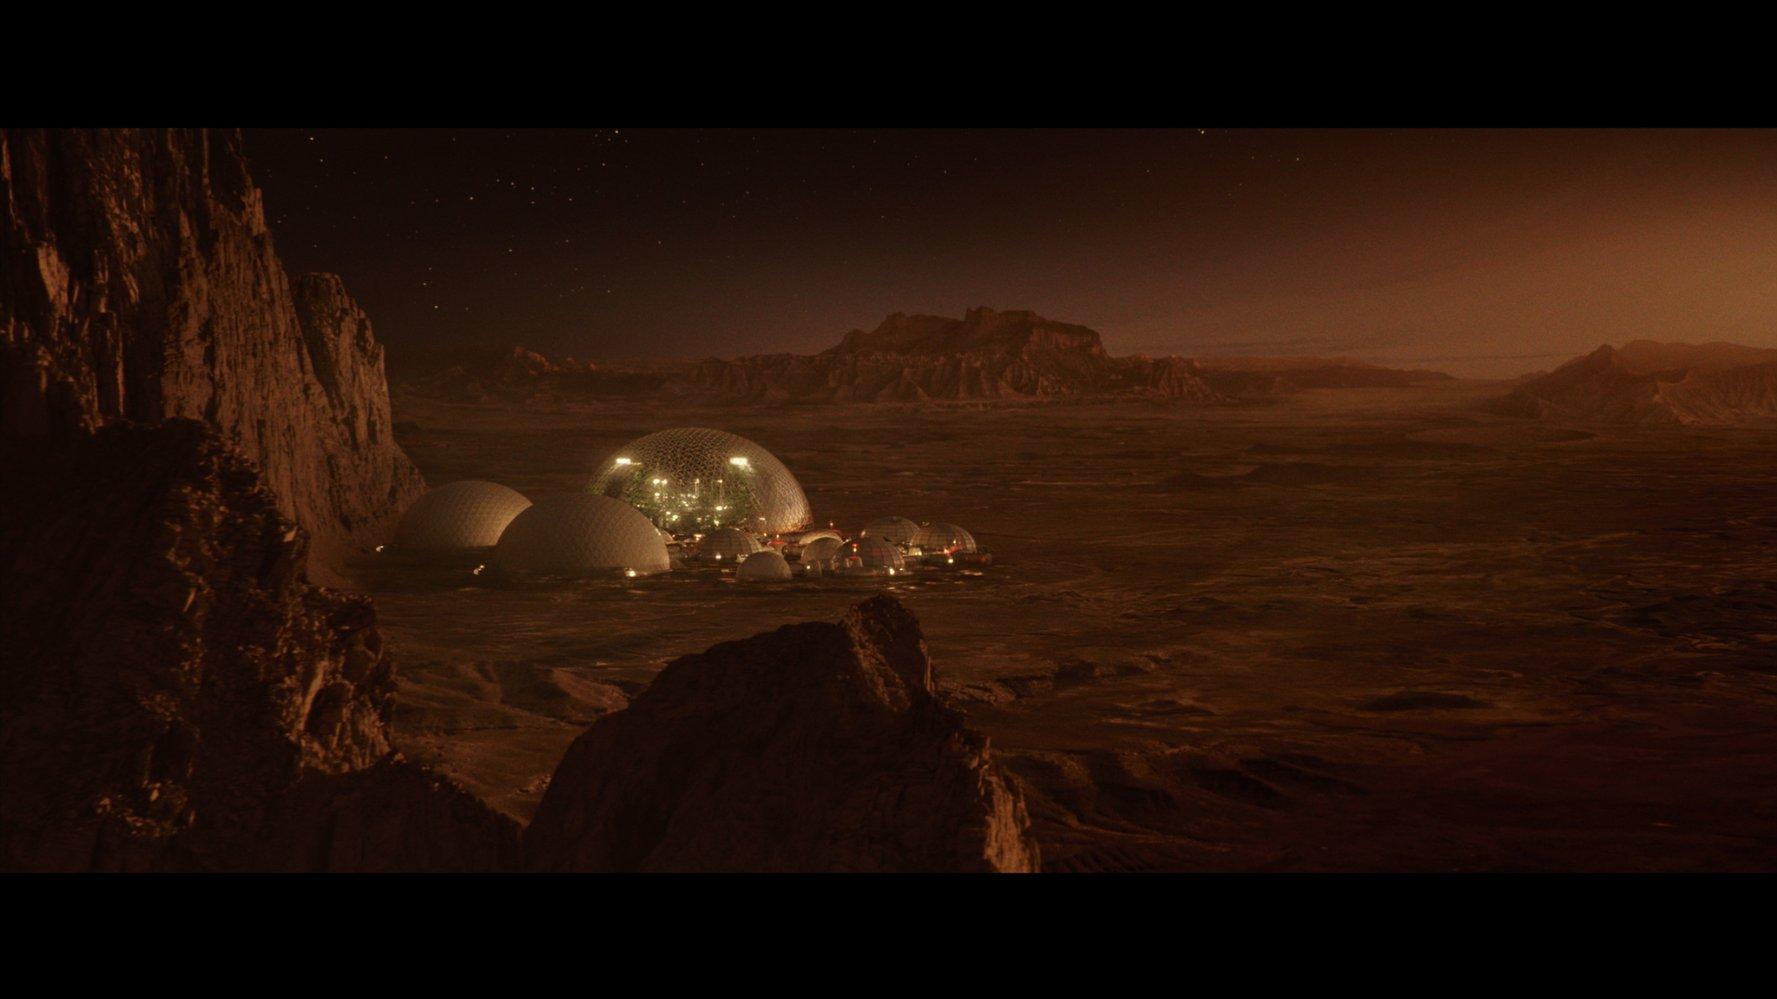 La station scientifique sur Mars. Source IMDB